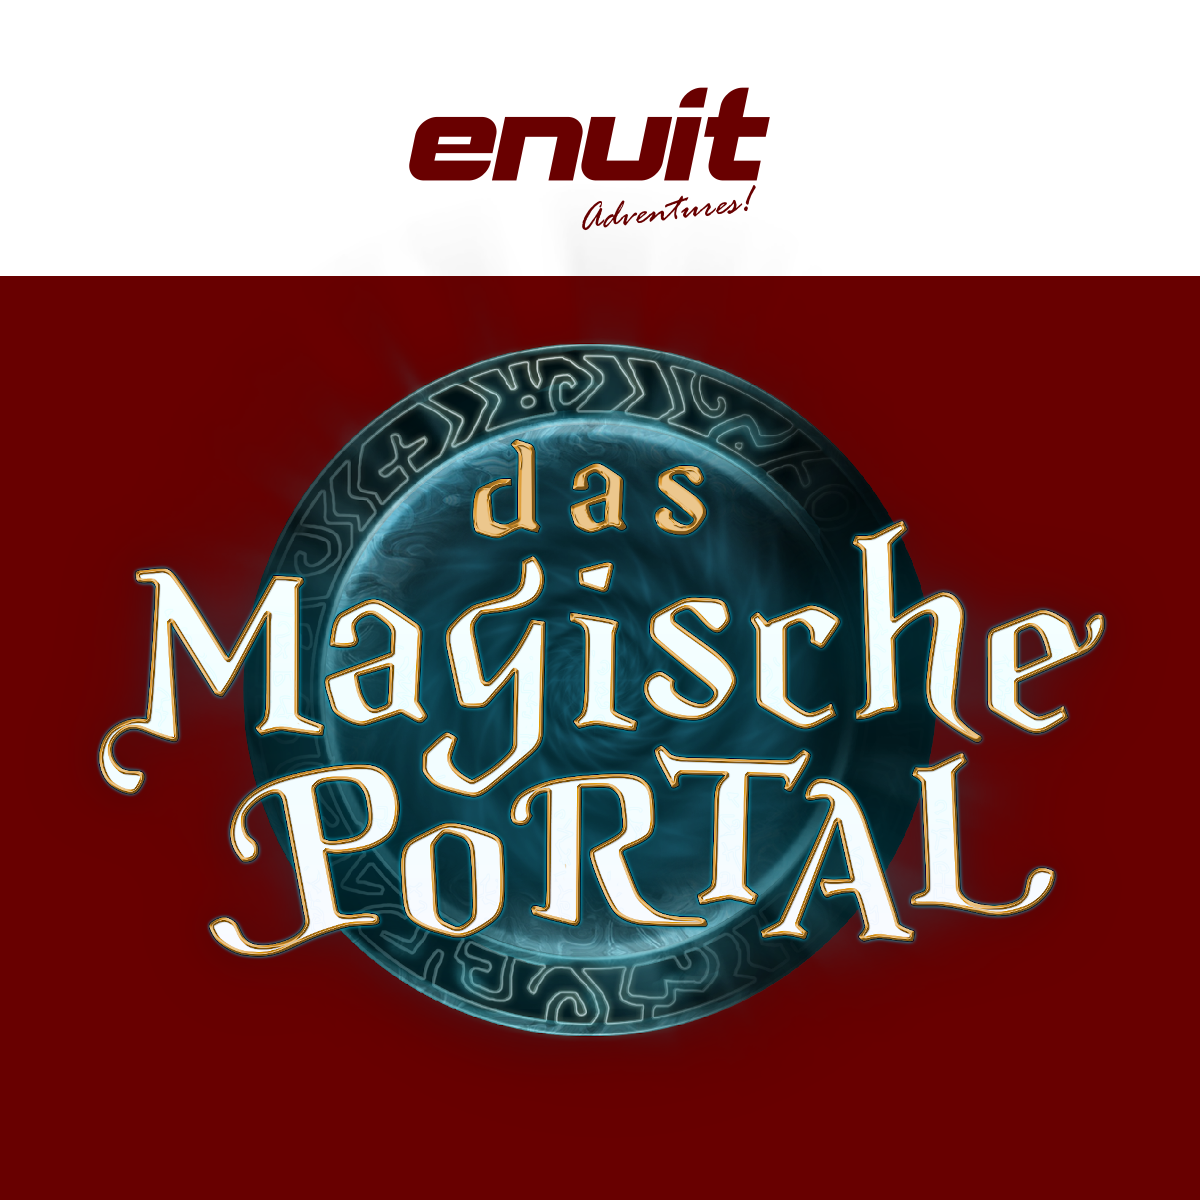 Outdoor-Abenteuer: Das Magische Portal (Chur)